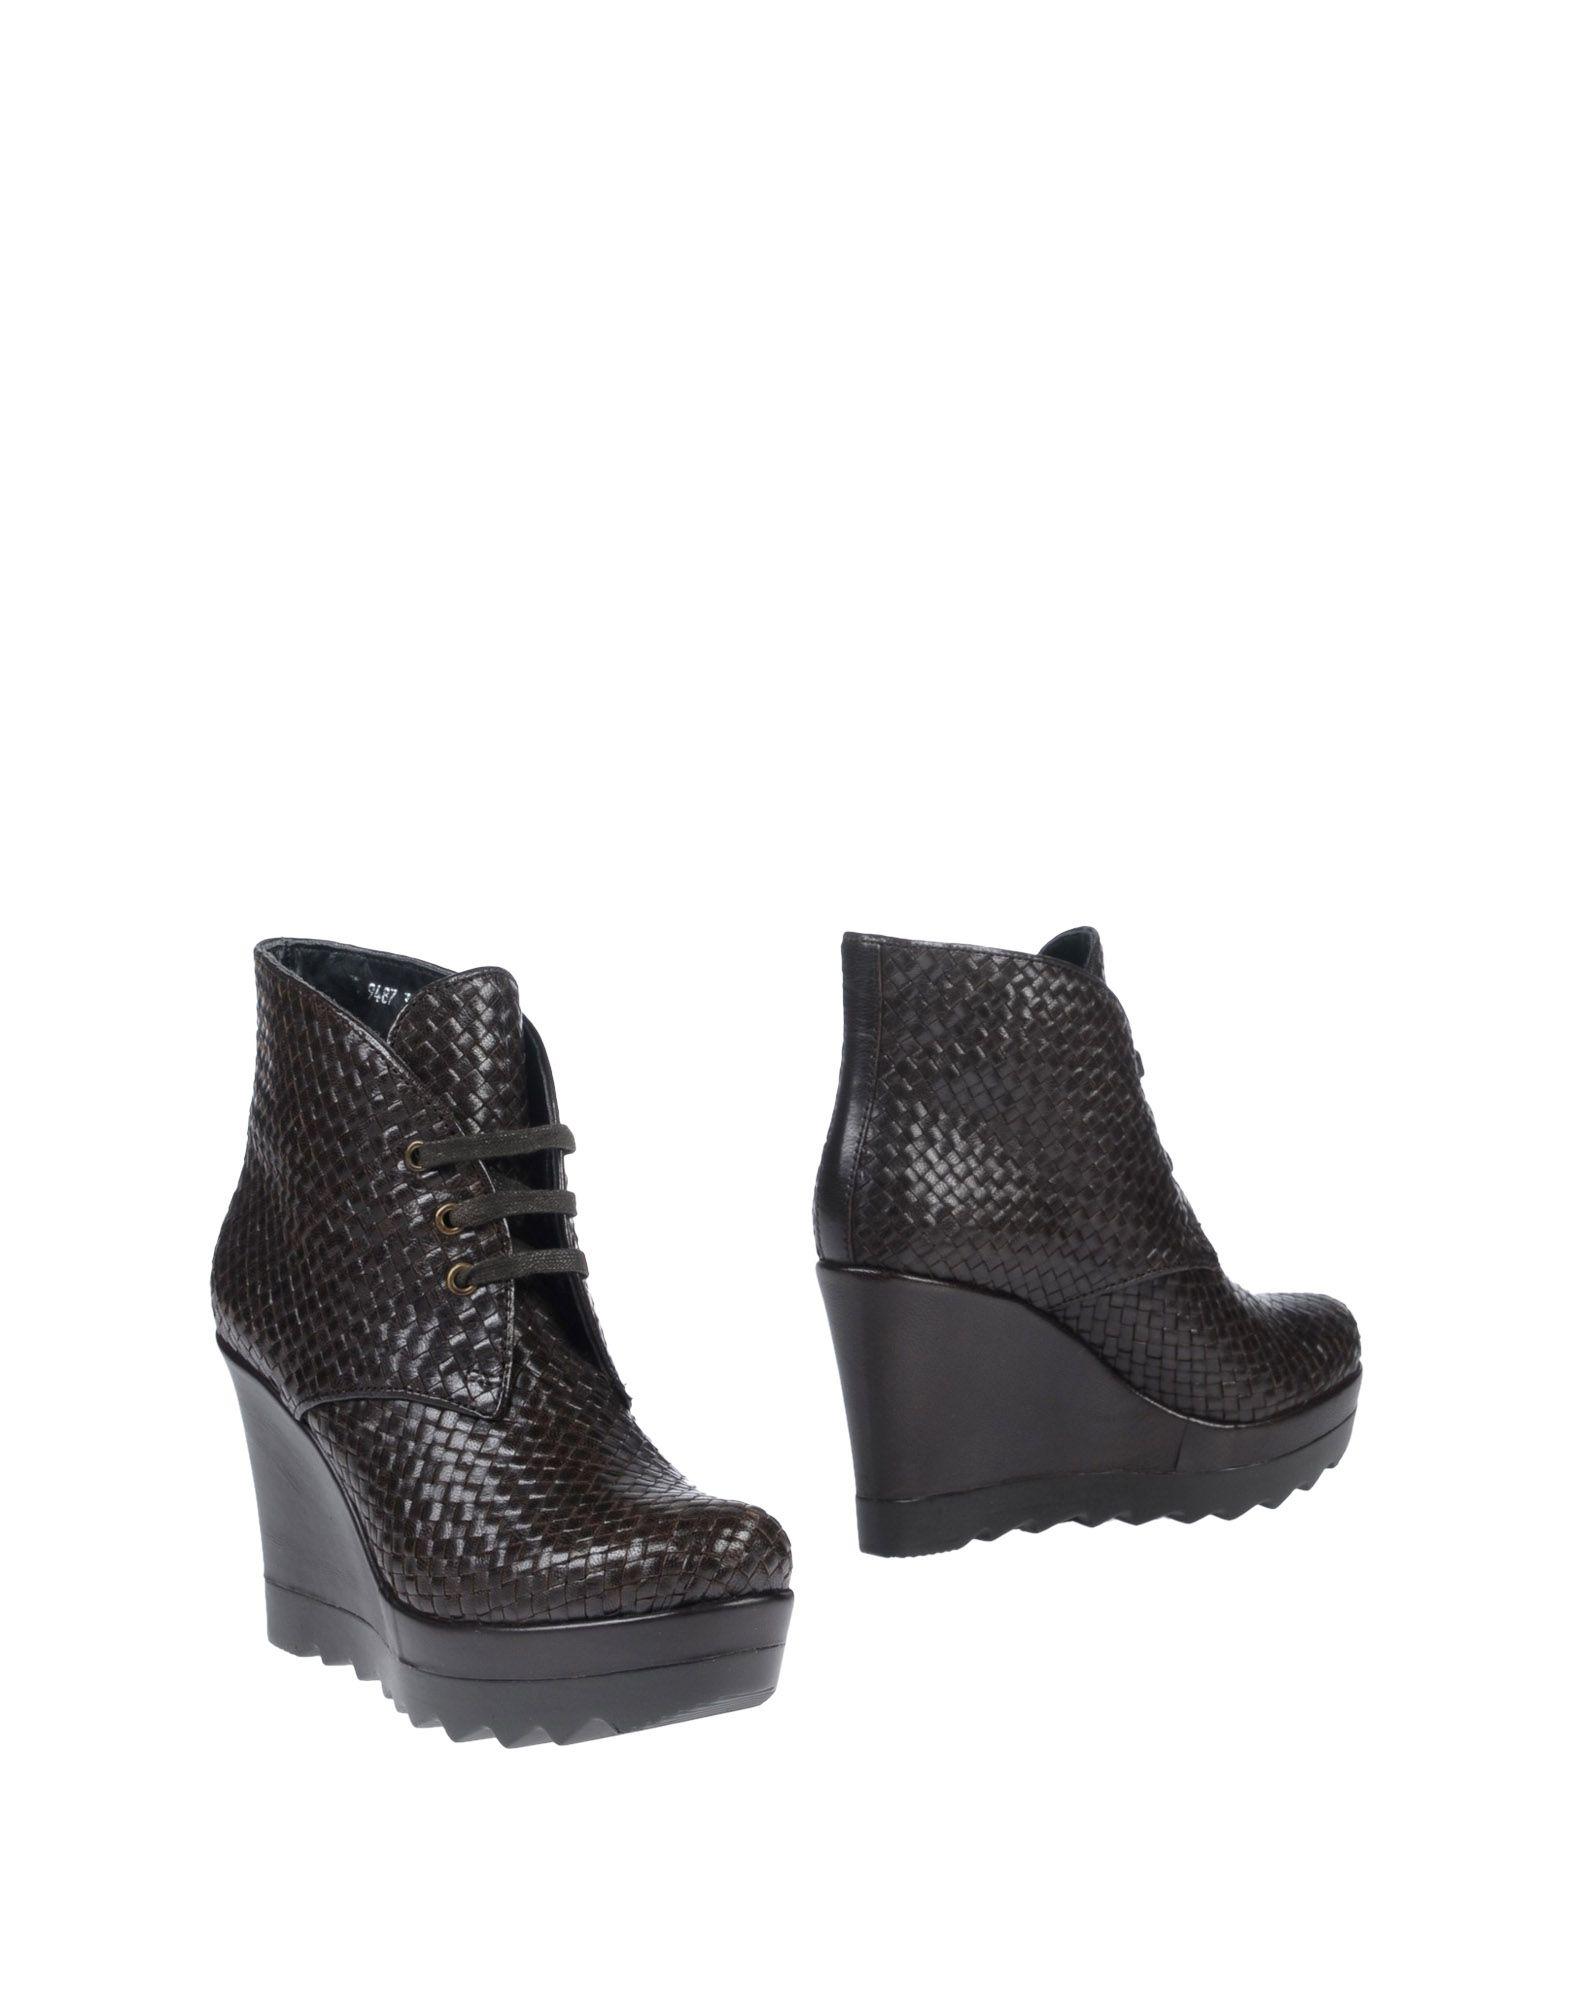 Amr Aemmerre Stiefelette Damen  11411145HU Gute Qualität beliebte Schuhe